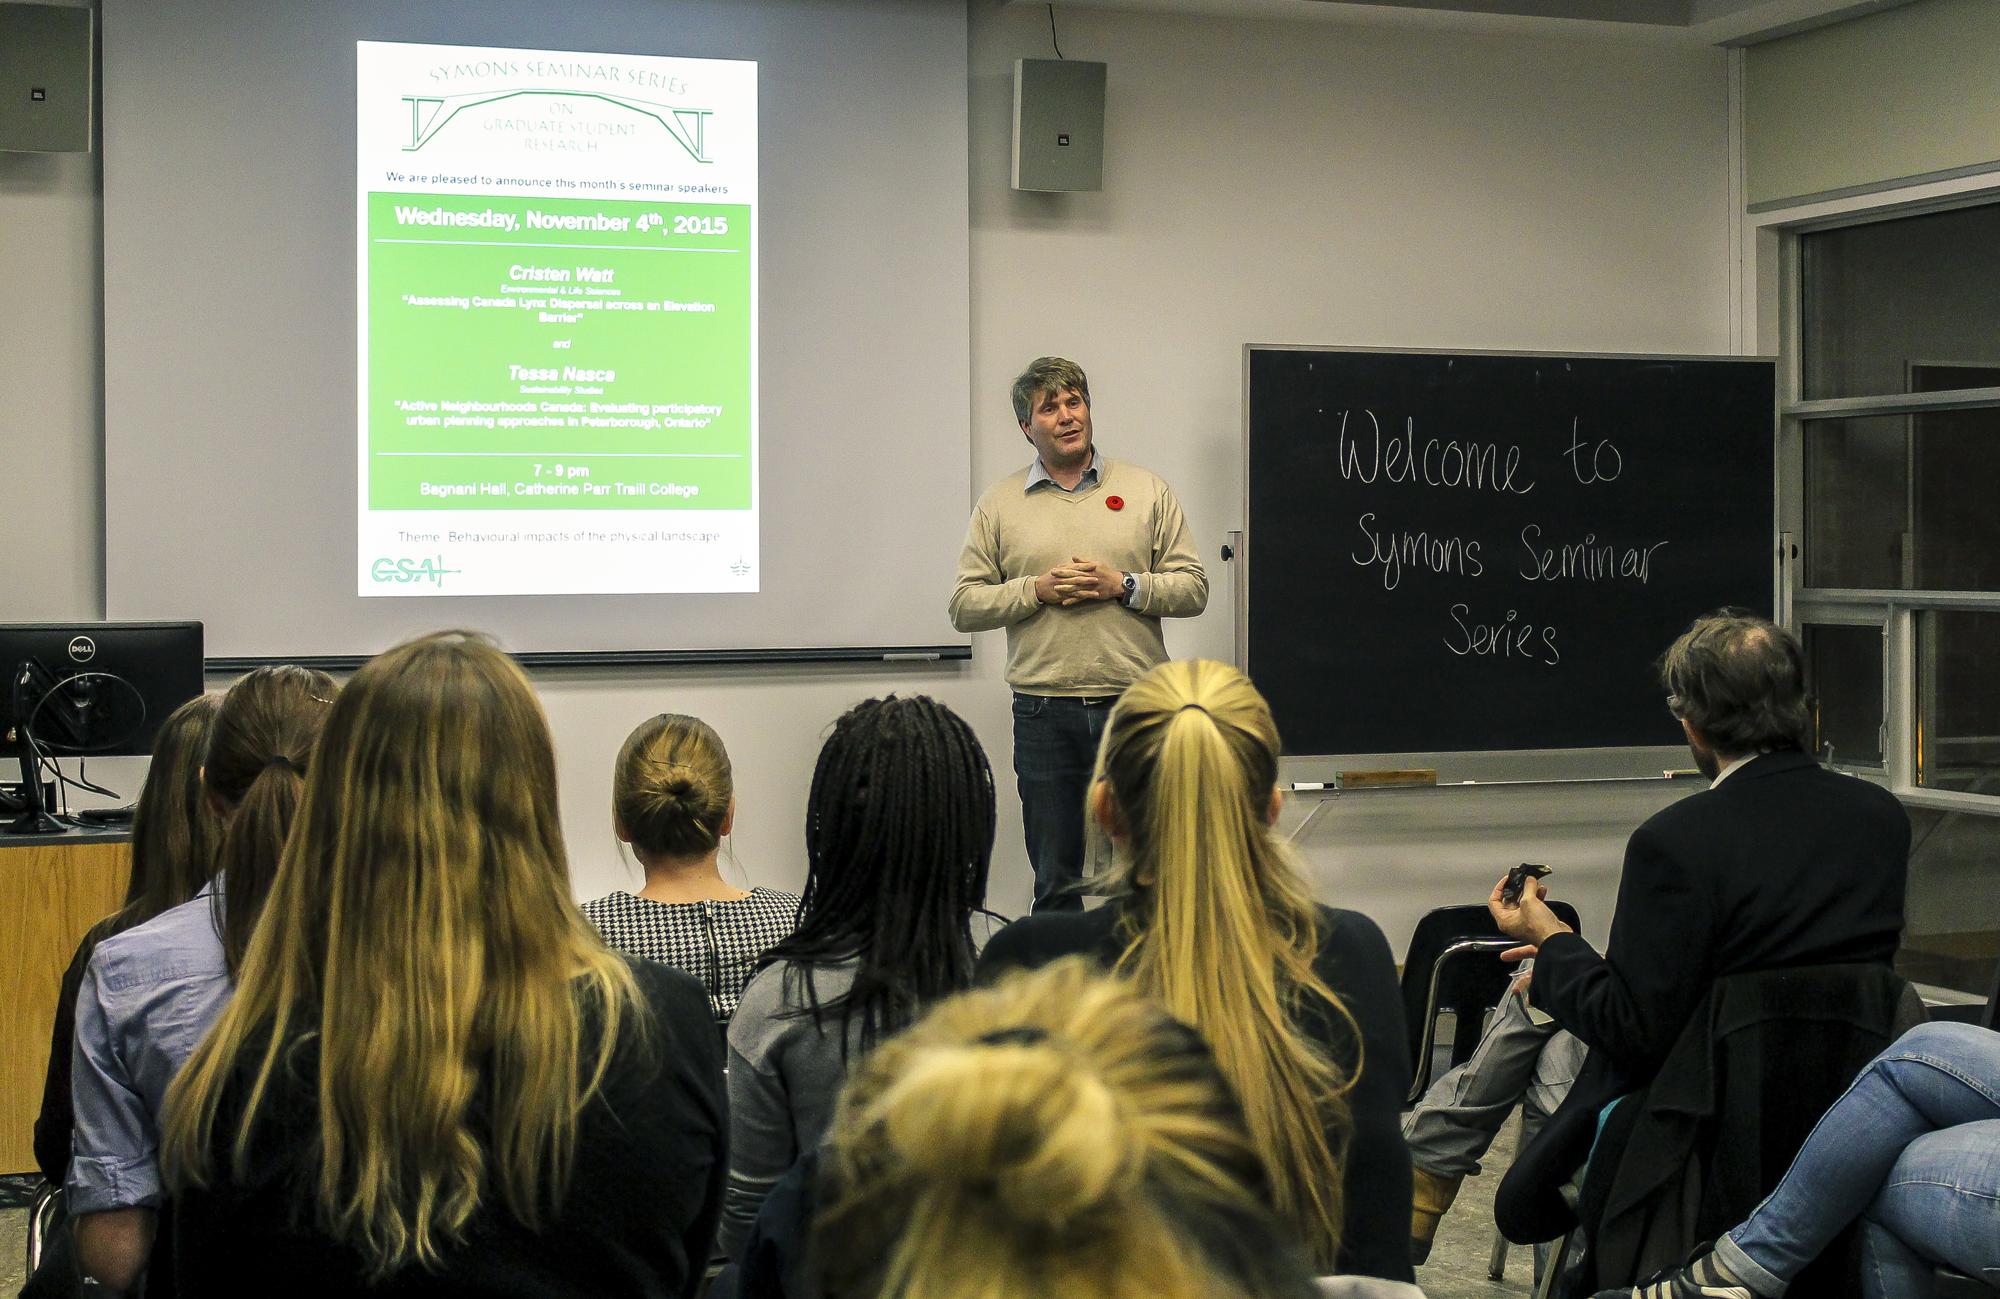 Symons seminar series: graduate research